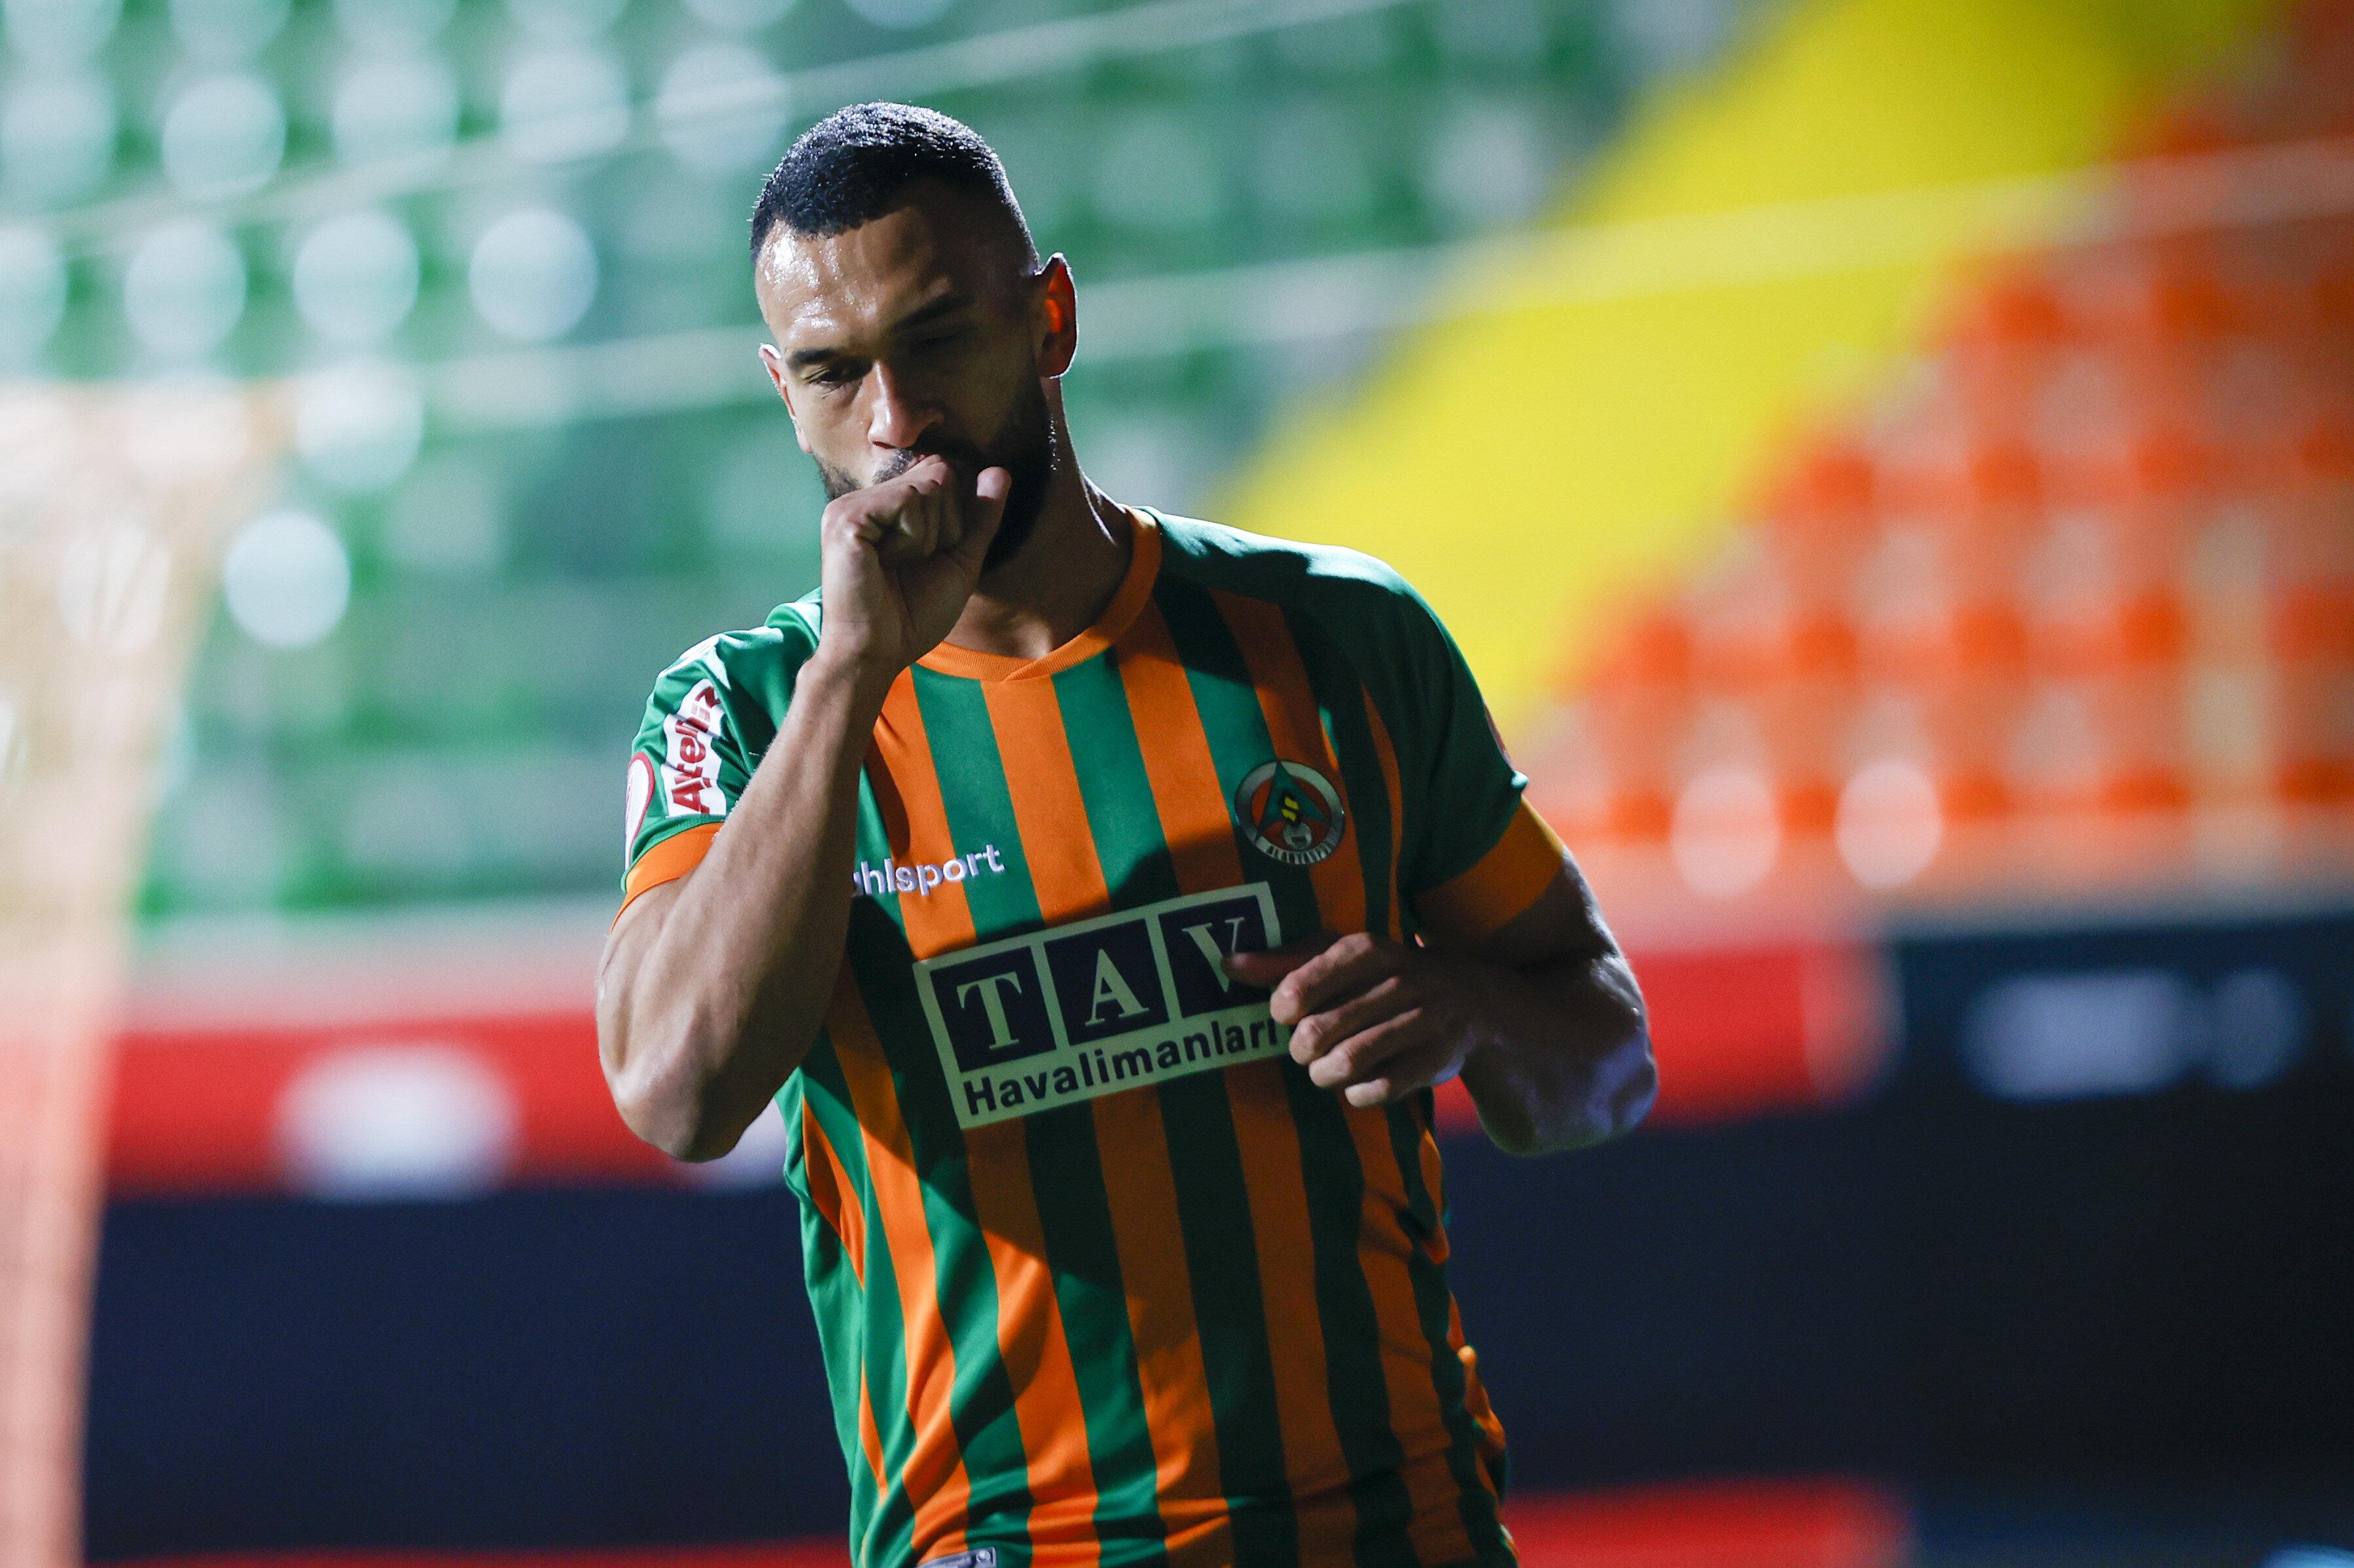 29 yaşındaki Caulker, bu sezon Alanyaspor formasıyla çıktığı 37 maçta 4 gol atarken 2 de asist yaptı.